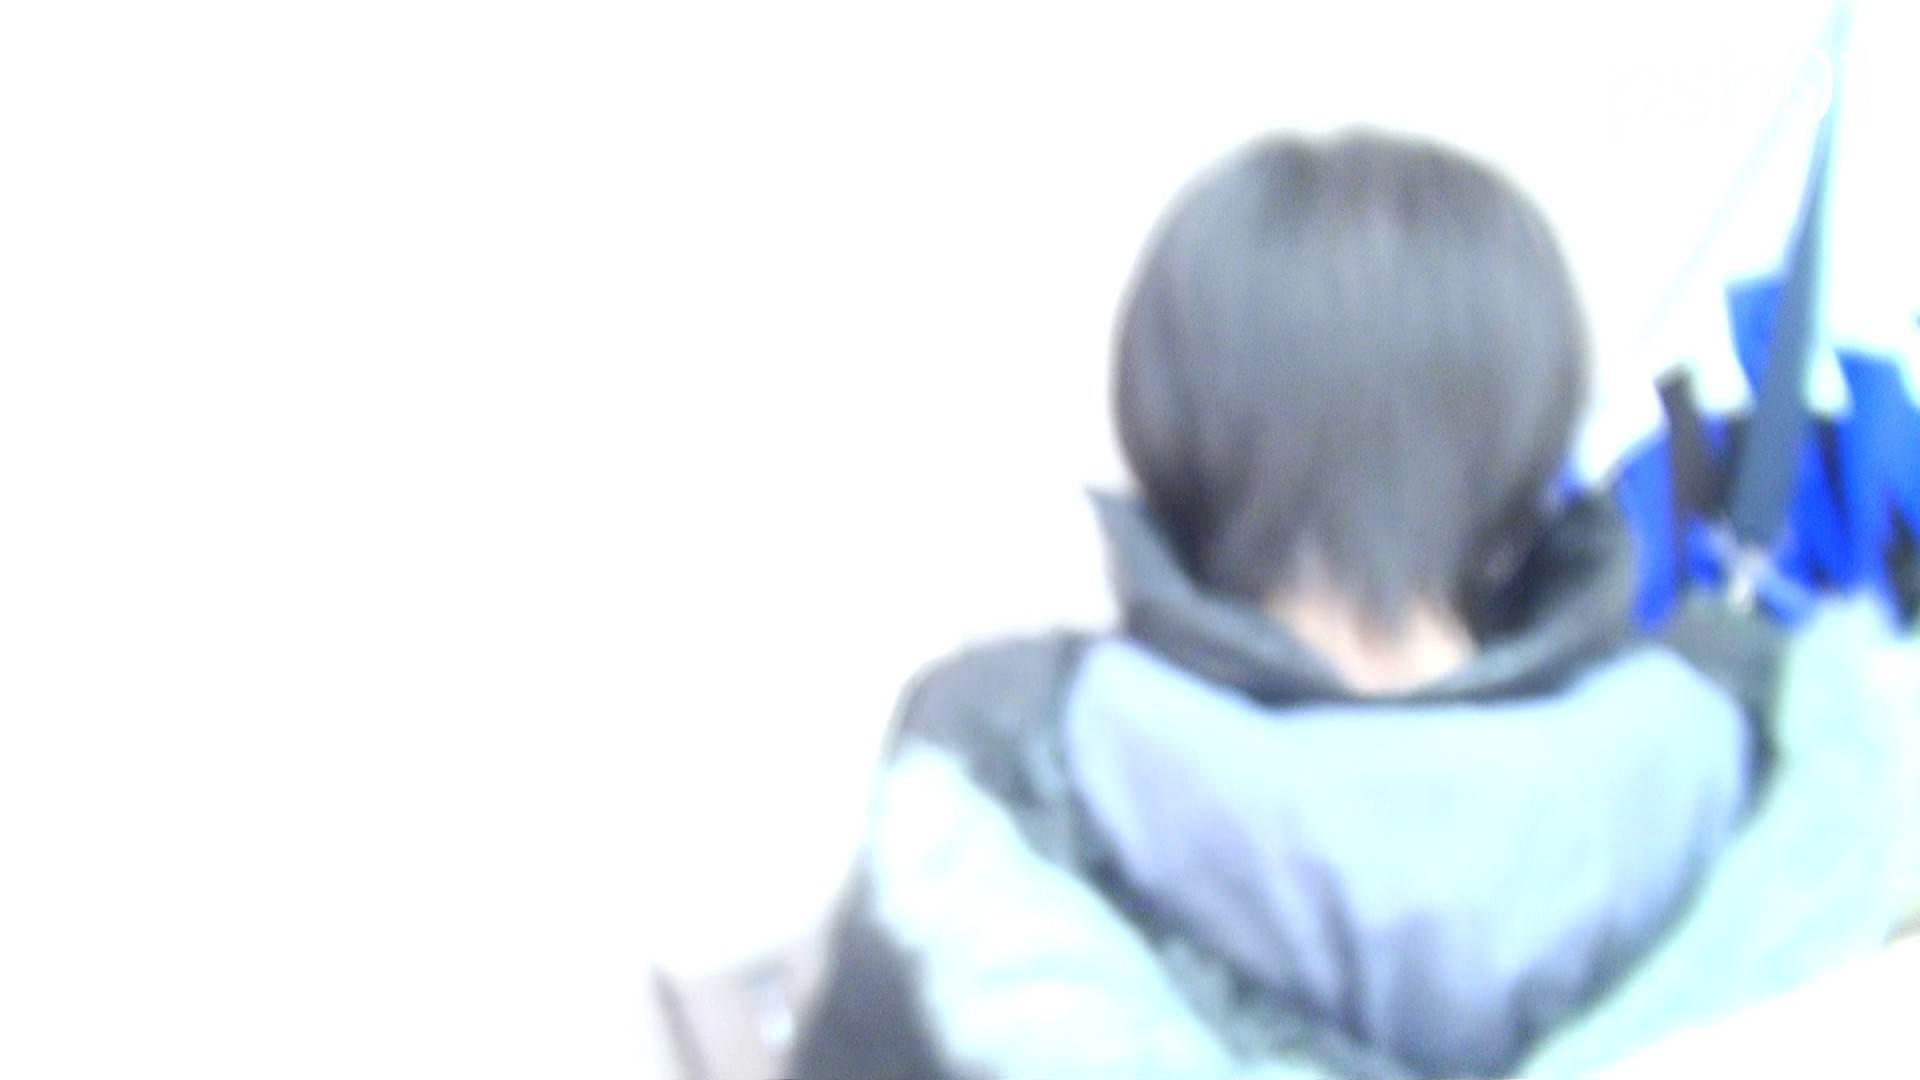 ▲復活限定▲ハイビジョン 盗神伝 Vol.1 丸見え すけべAV動画紹介 51画像 35